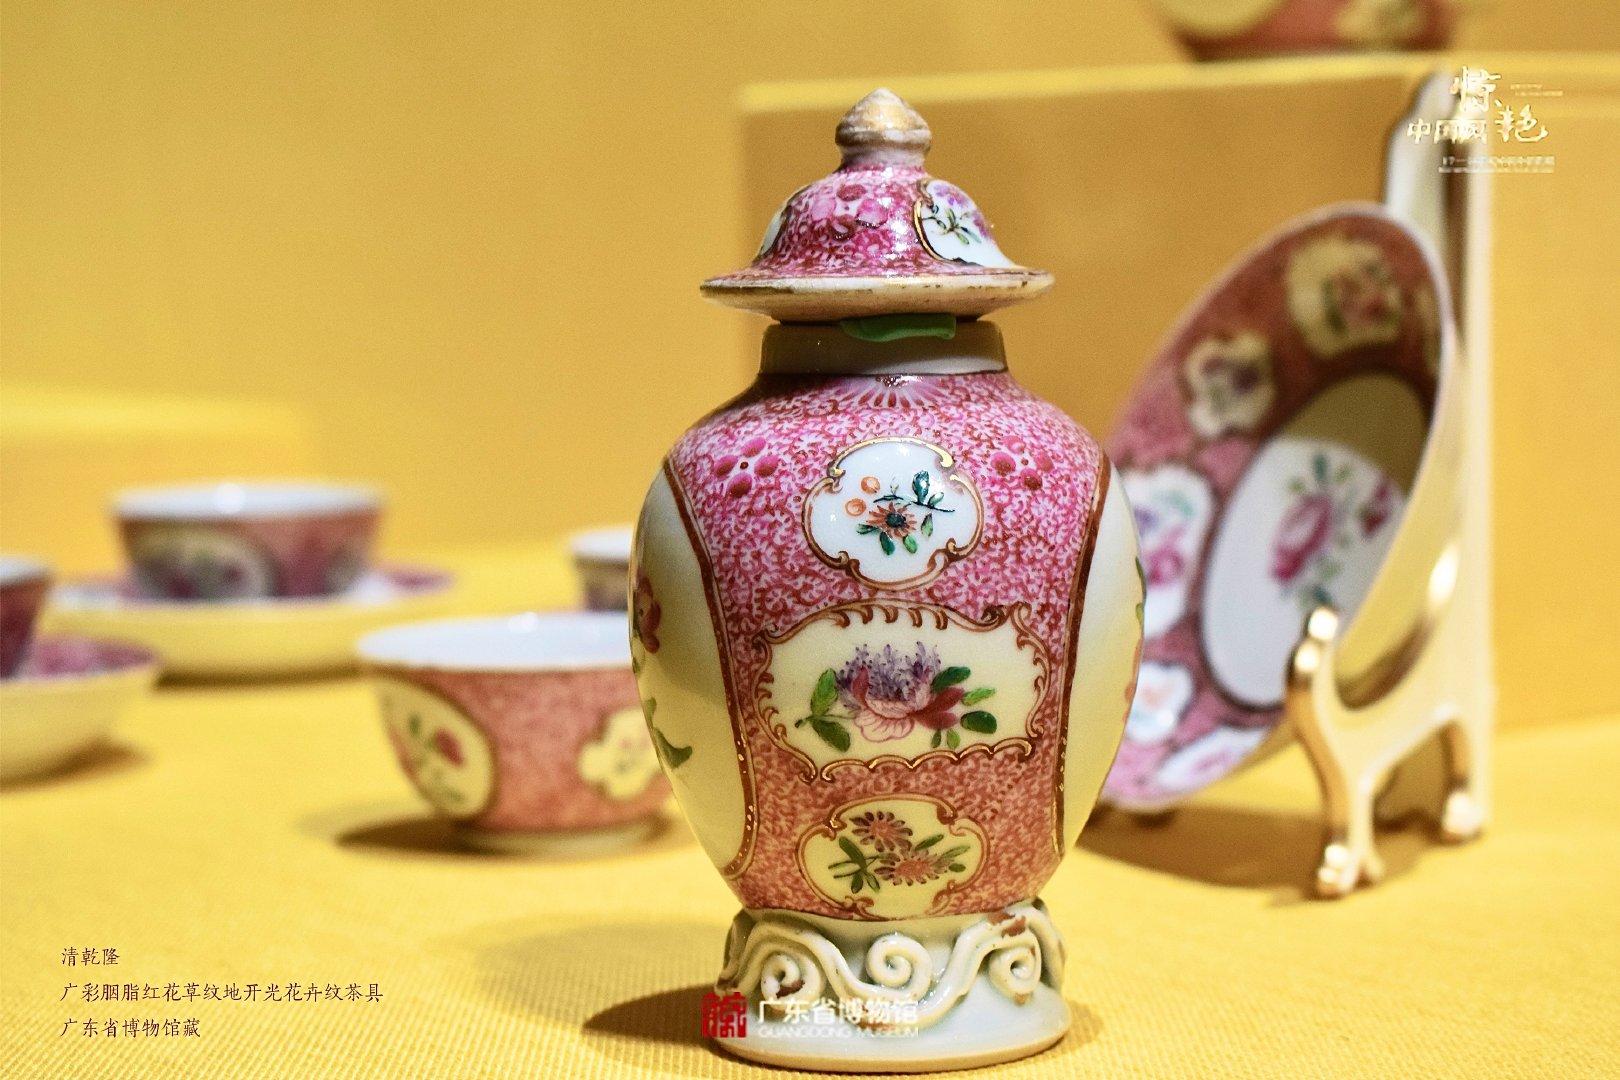 这套十分别致的胭脂红色茶具由茶壶、茶叶罐、奶壶、茶杯及托碟组成